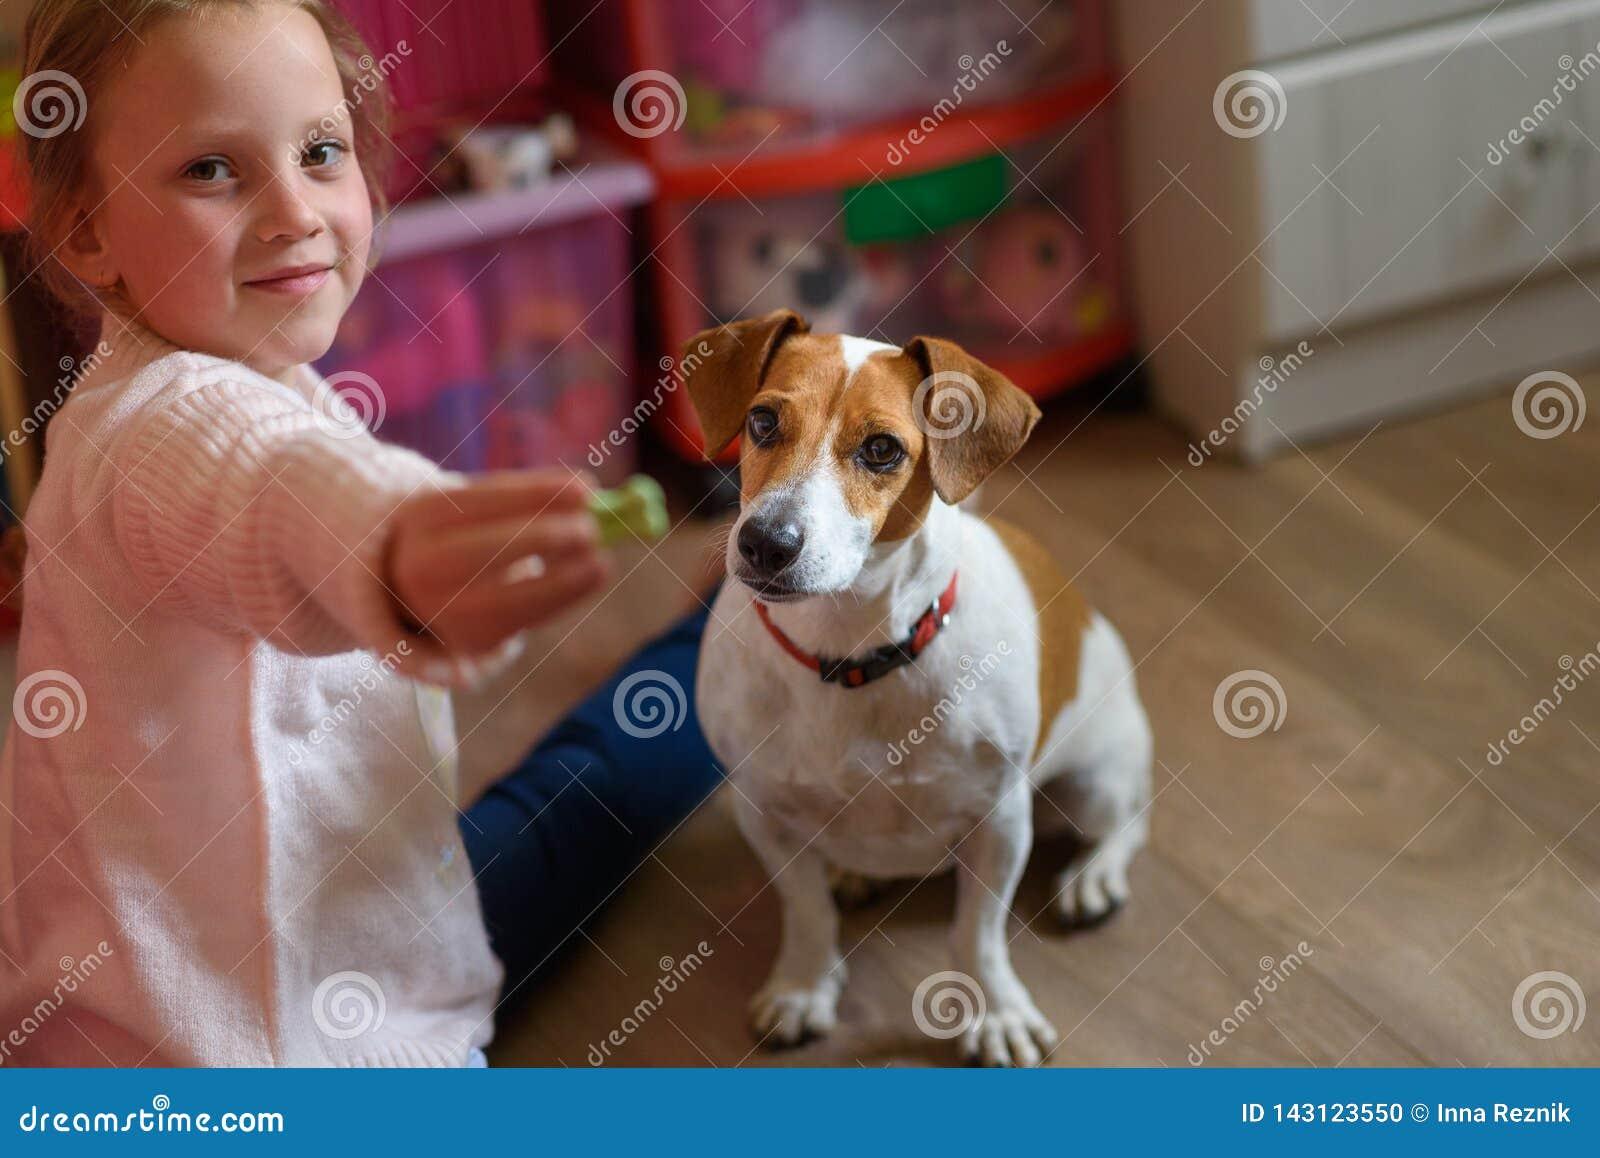 Bambina con il cane a casa in stanza dei giochi